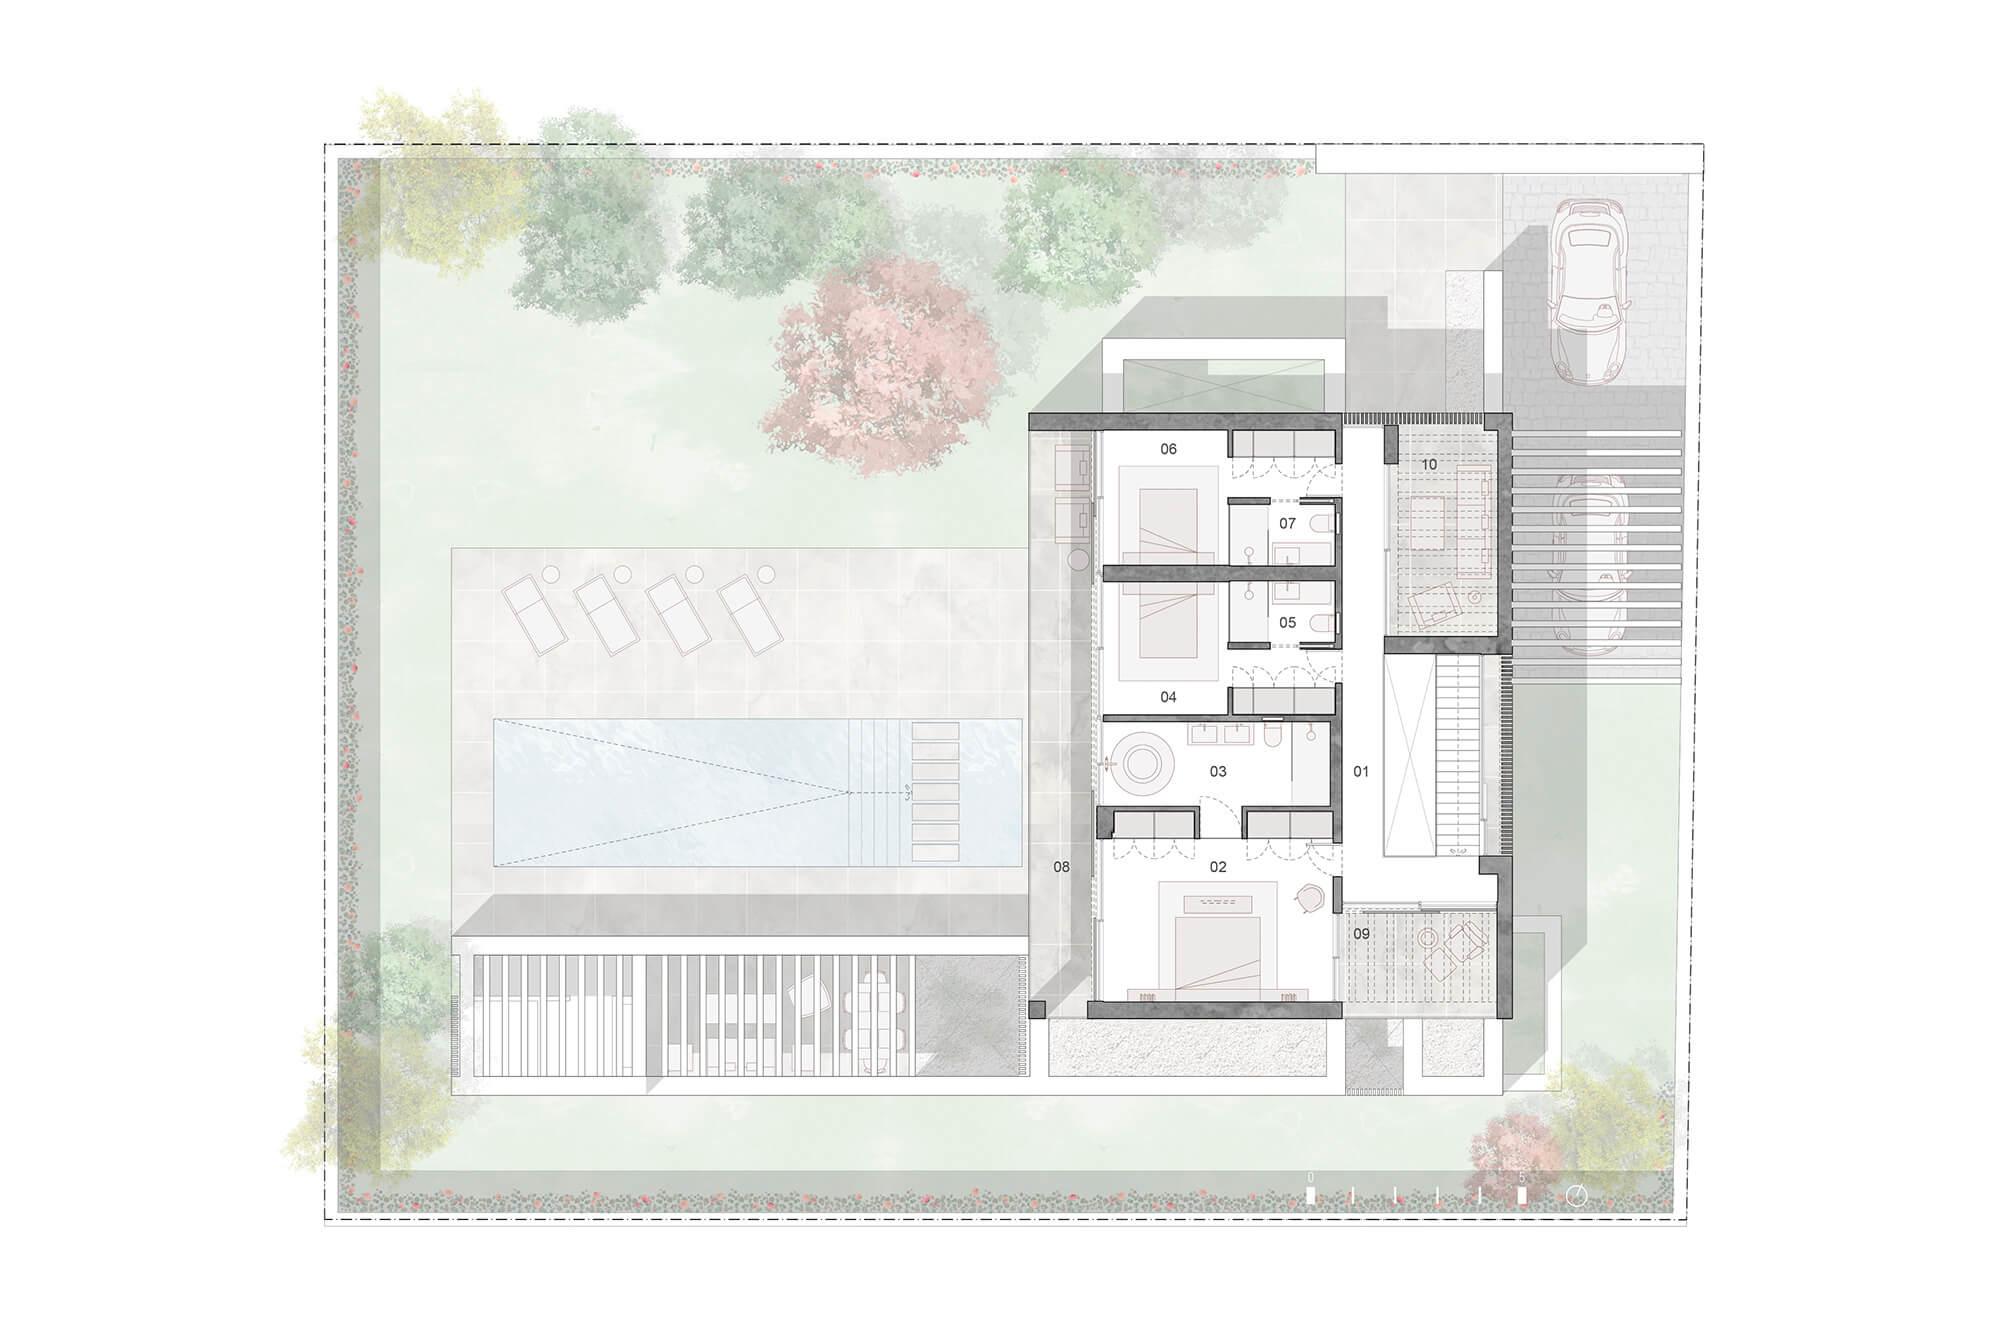 cortijo blanco beach villa vamoz te koop marbella costa del sol spanje nieuwbouw grondplan 4 verdieping